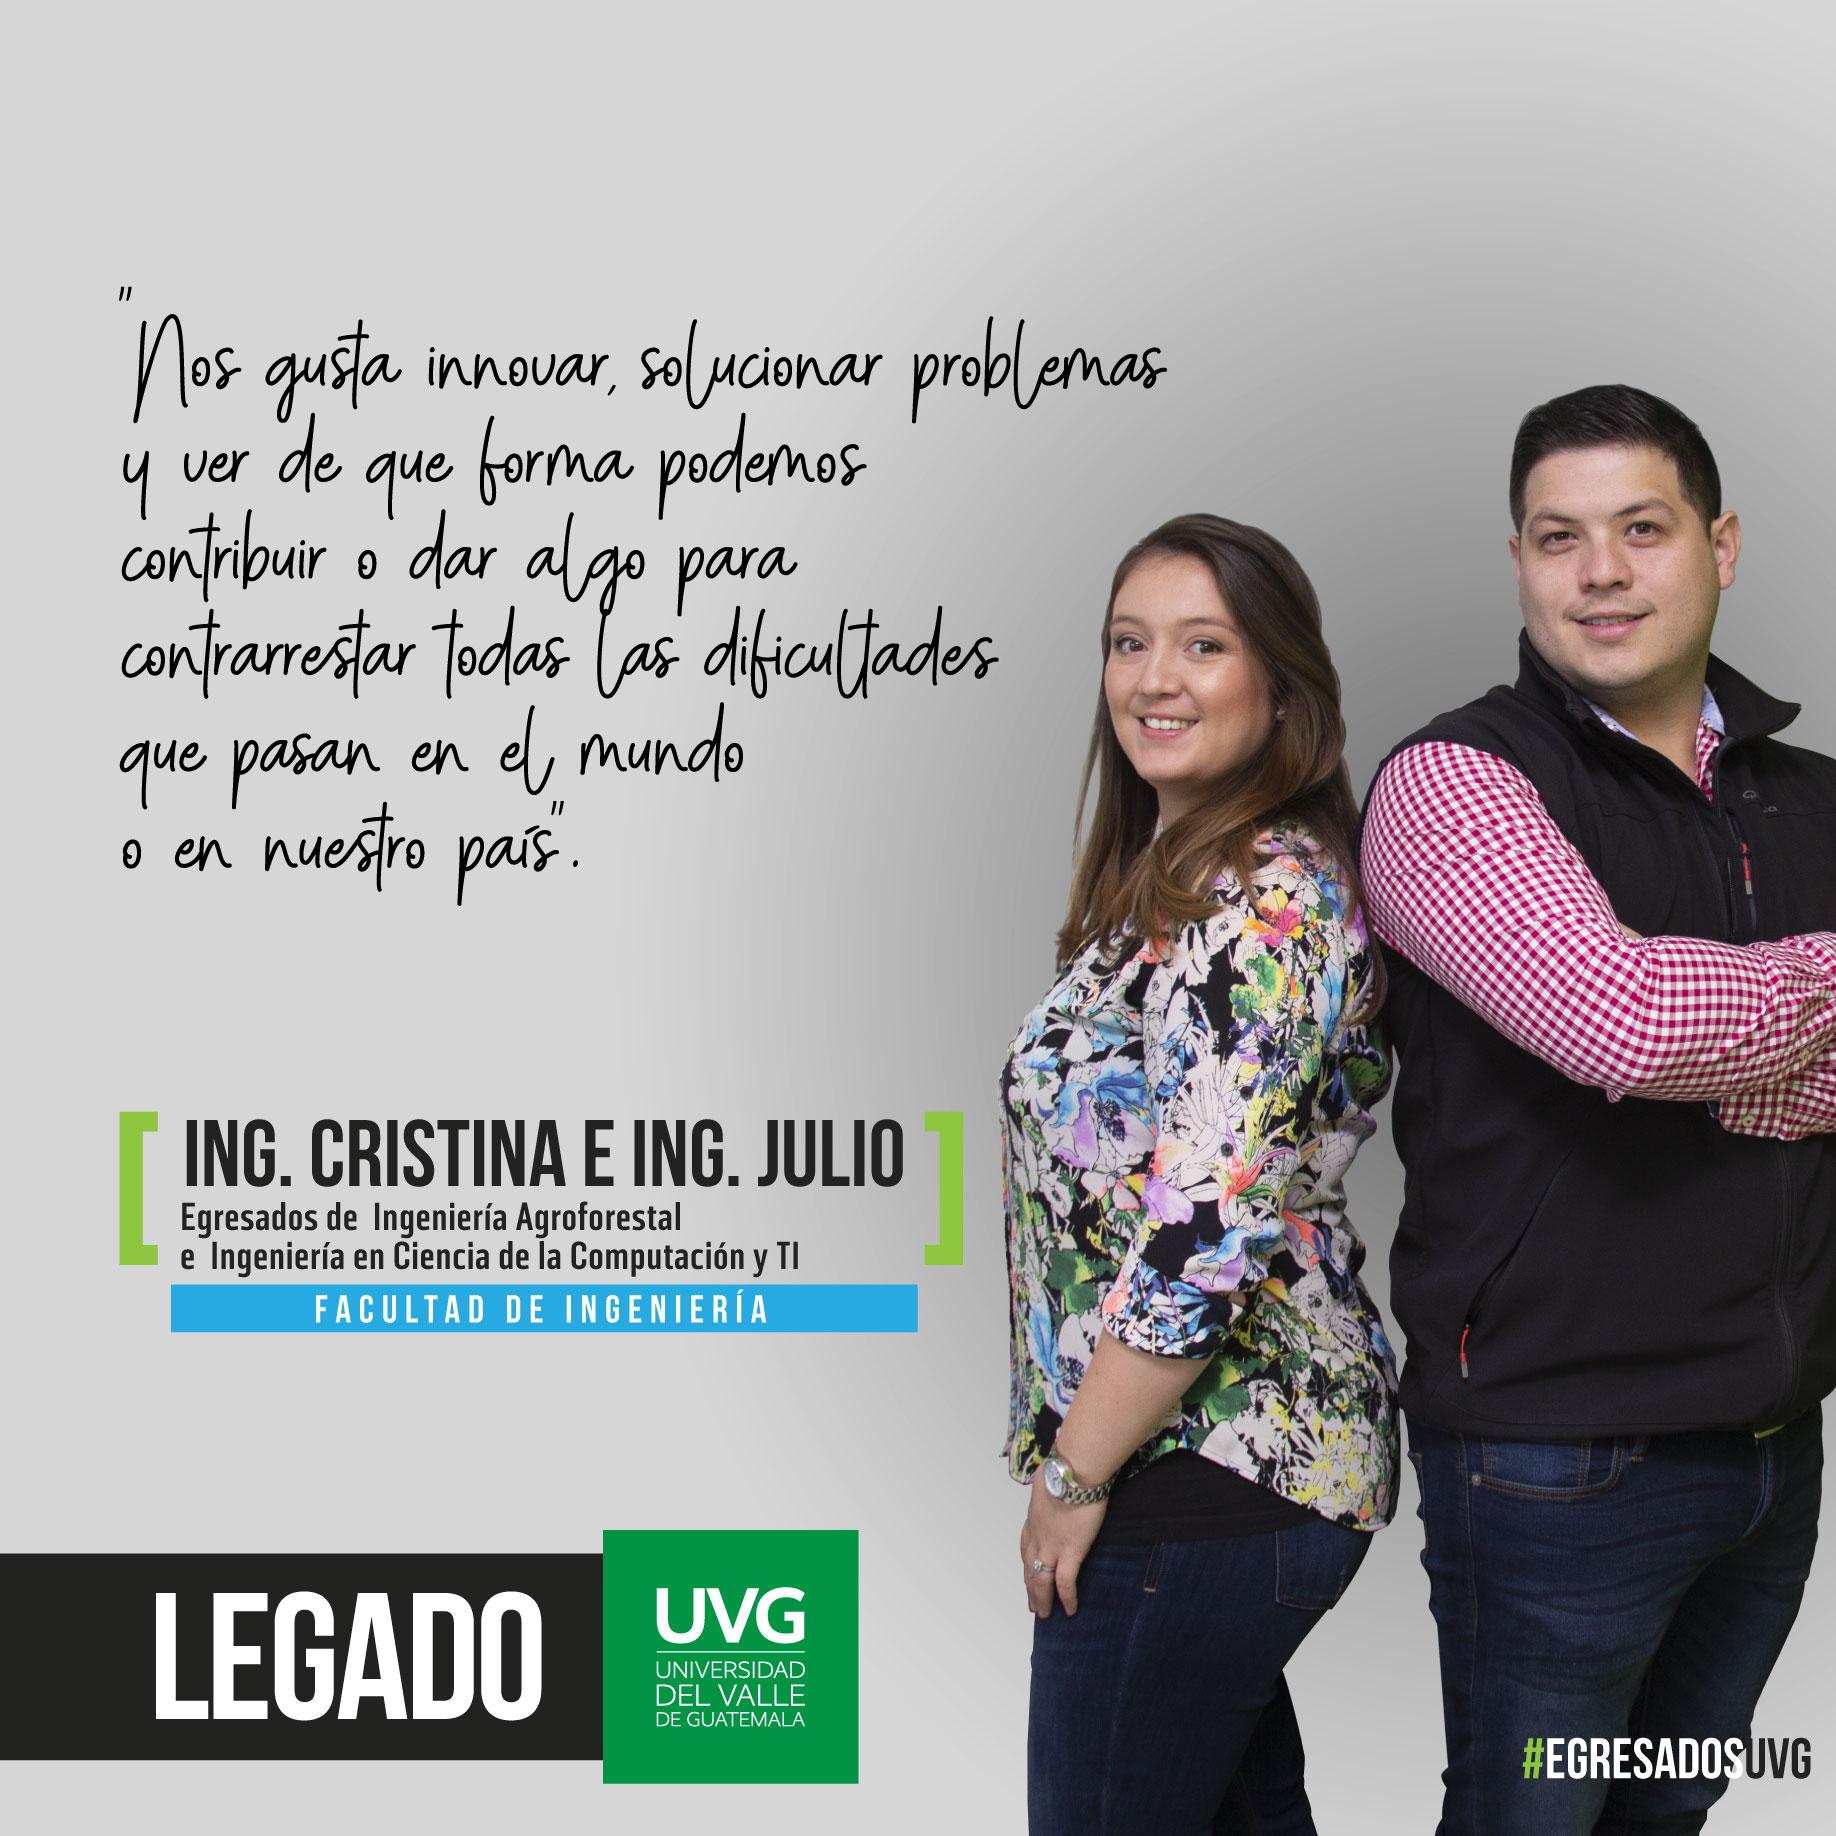 Legado UVG Ing. Cristina e Ing. Julio